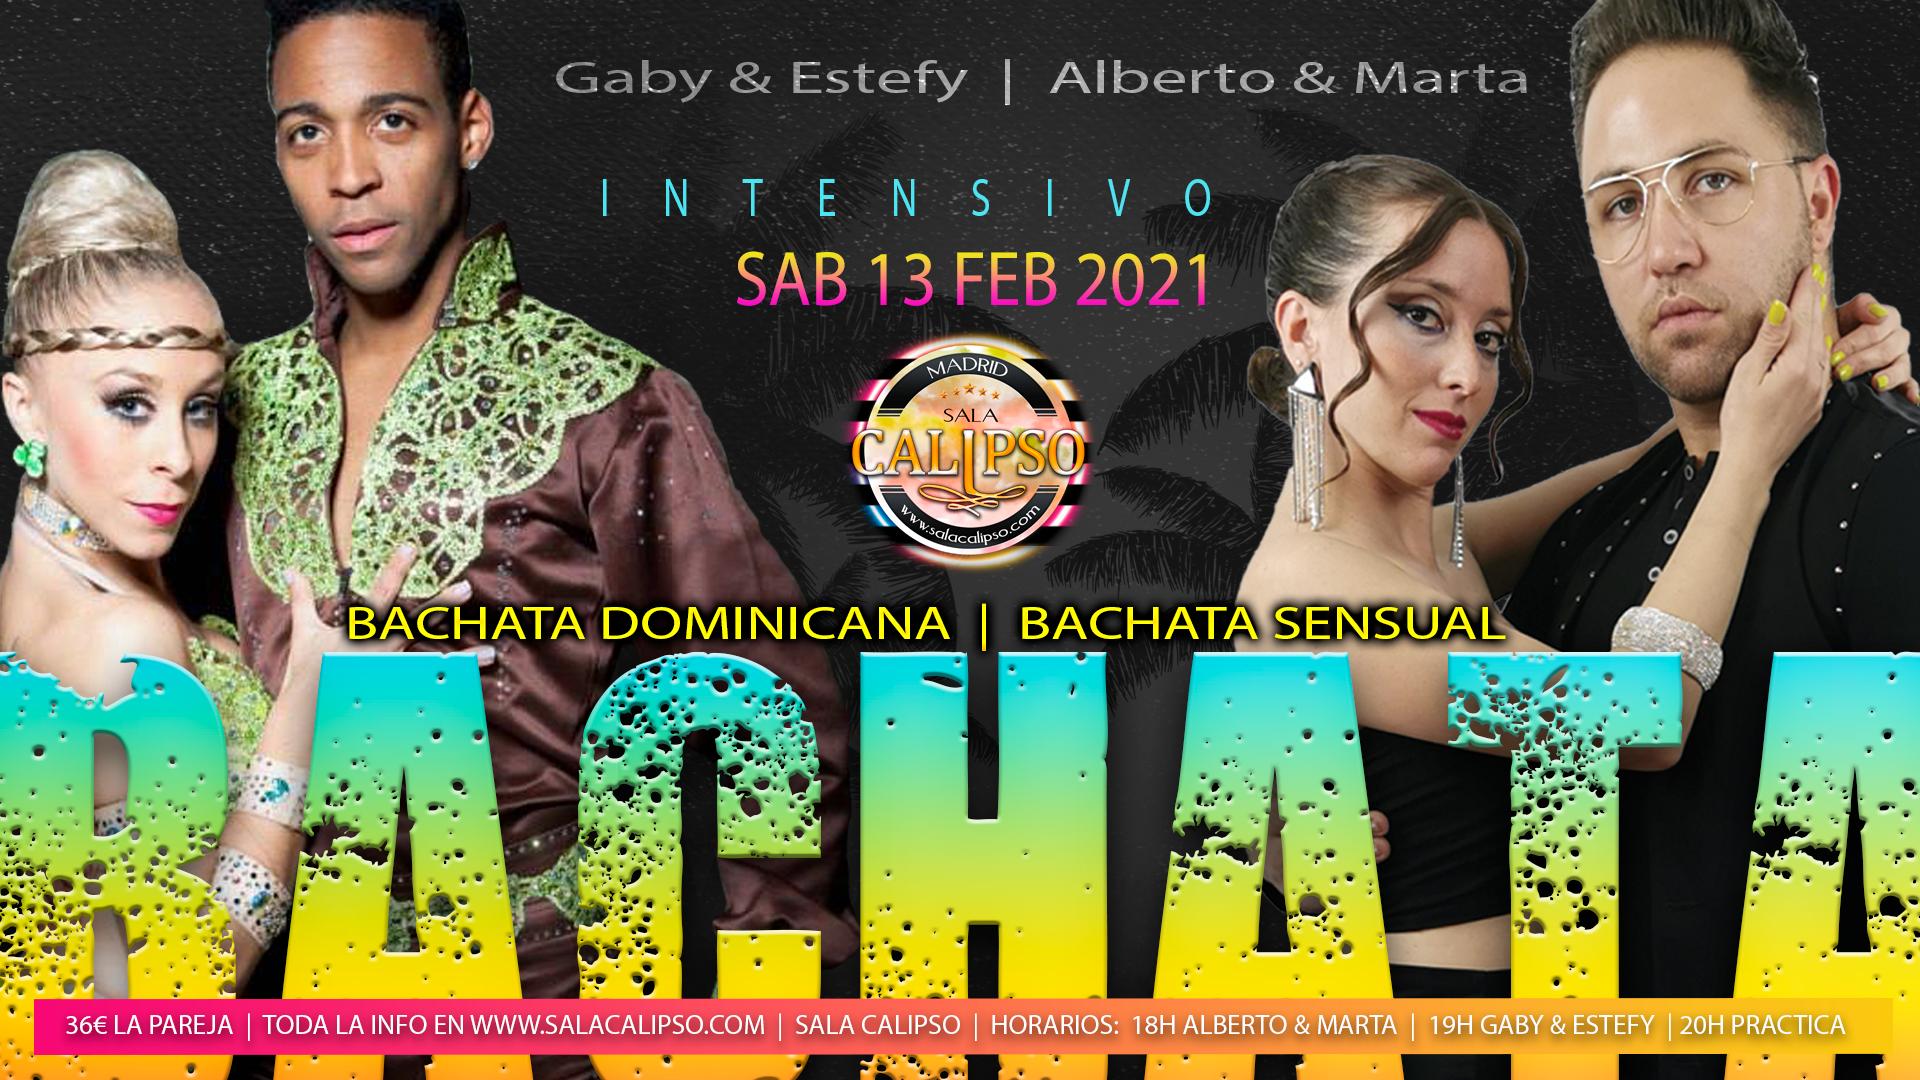 Intensivo Bachata - Sabado 13 Febrero 2021